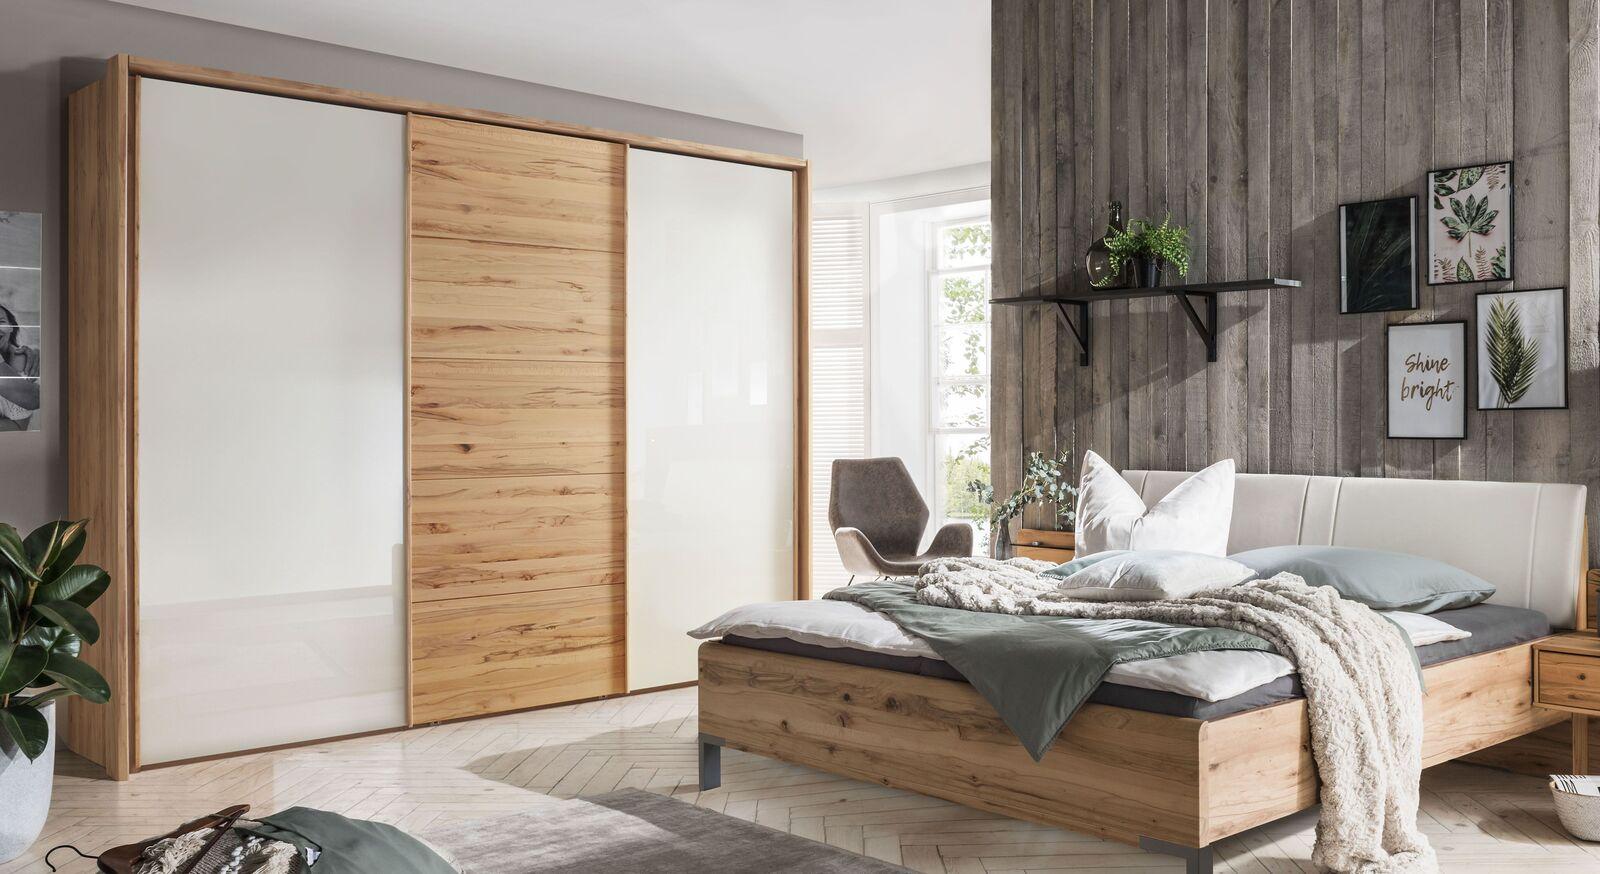 Schwebetüren-Kleiderschrank Leandra mit hochwertigen Glastüren